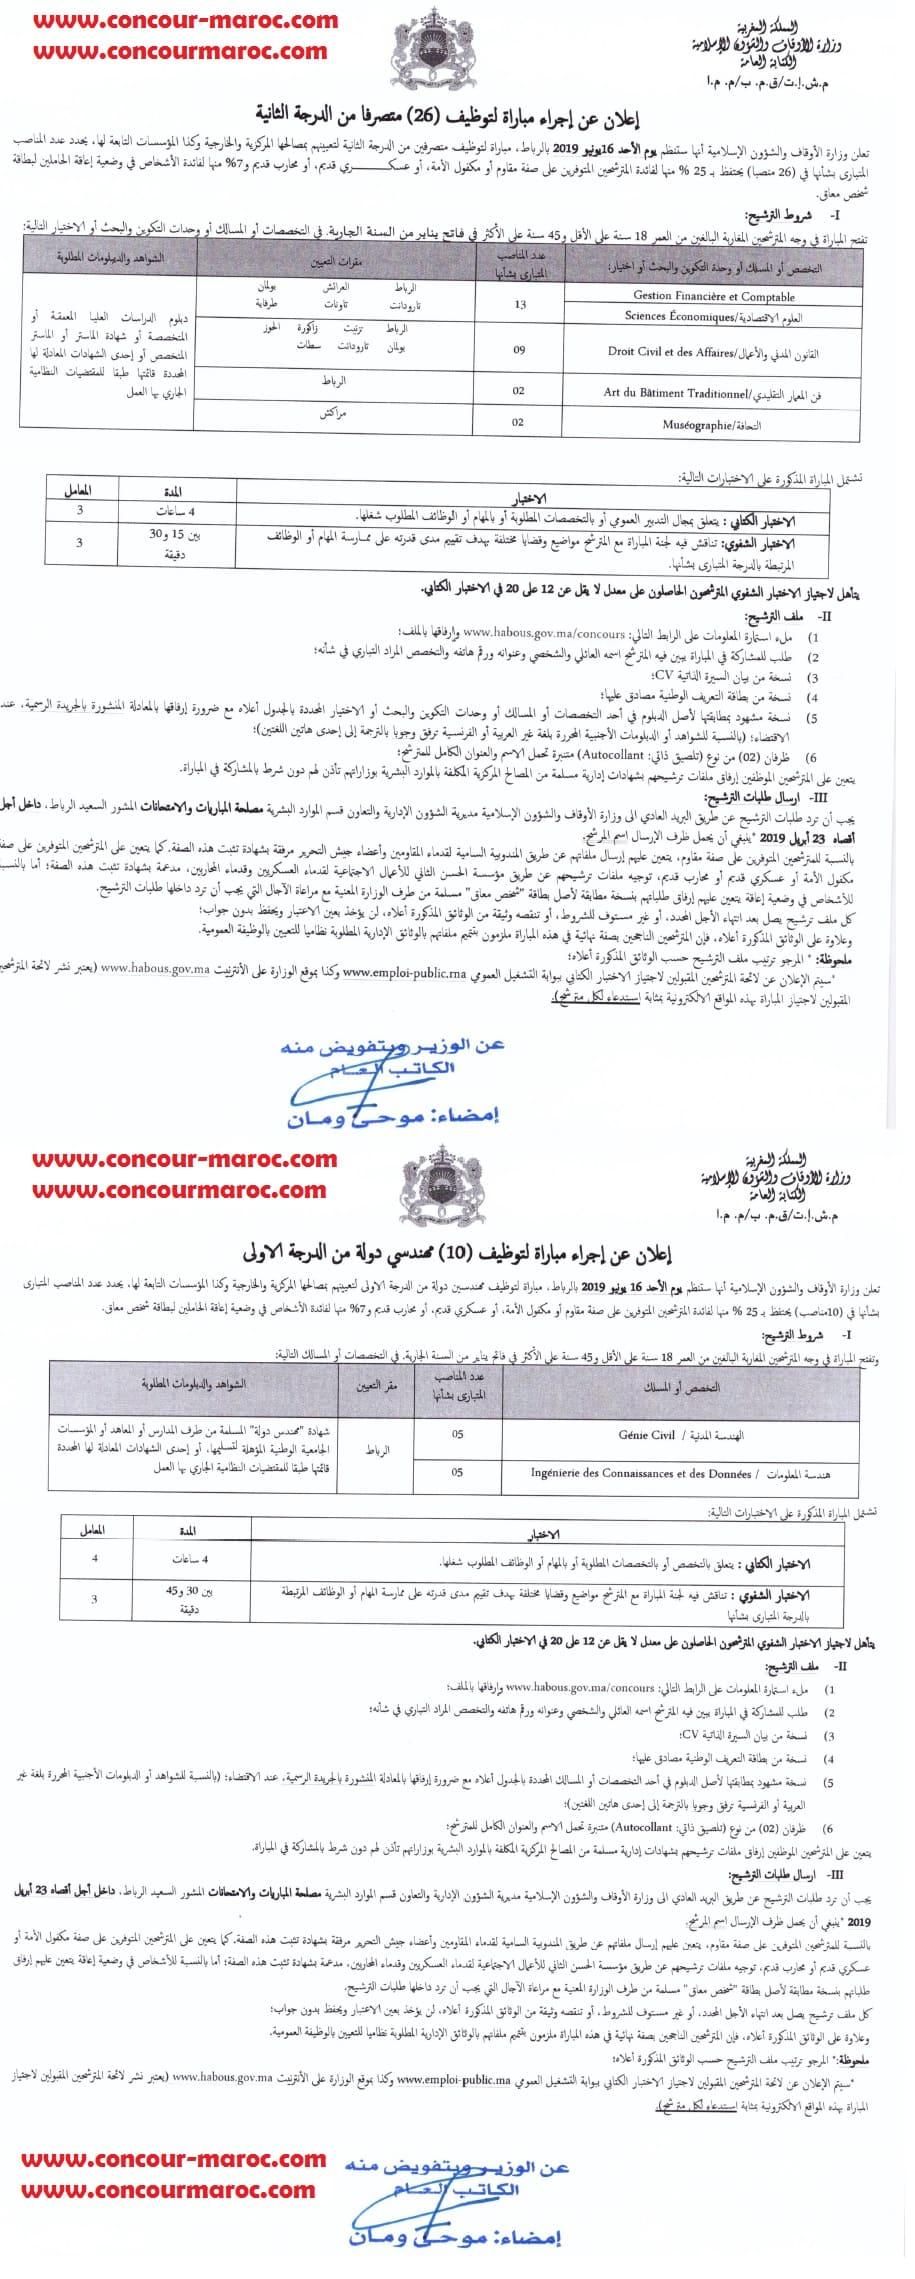 وزارة الأوقاف والشؤون الإسلامية : مباراة لتوظيف 26 متصرف من الدرجة الثانية و 10 مهندس دولة آخر أجل 23 ابريل 2019 Minist20